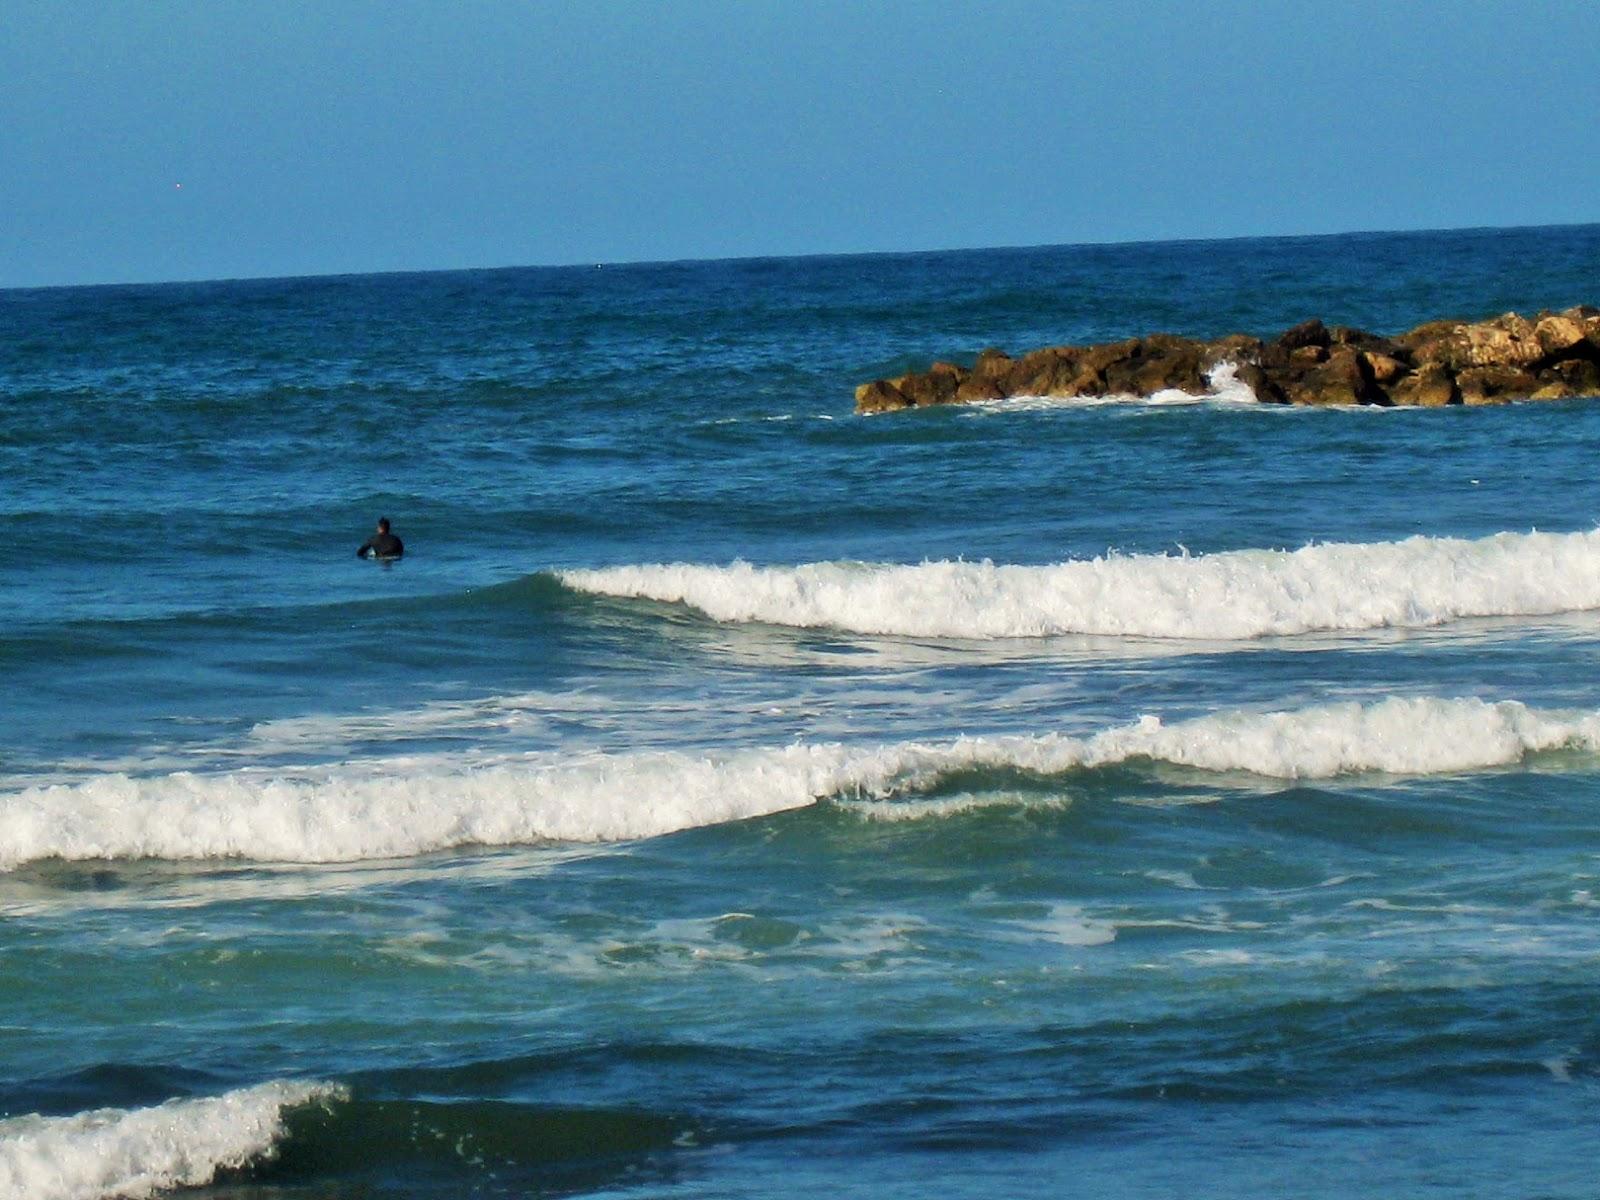 Осенее море. Штормит